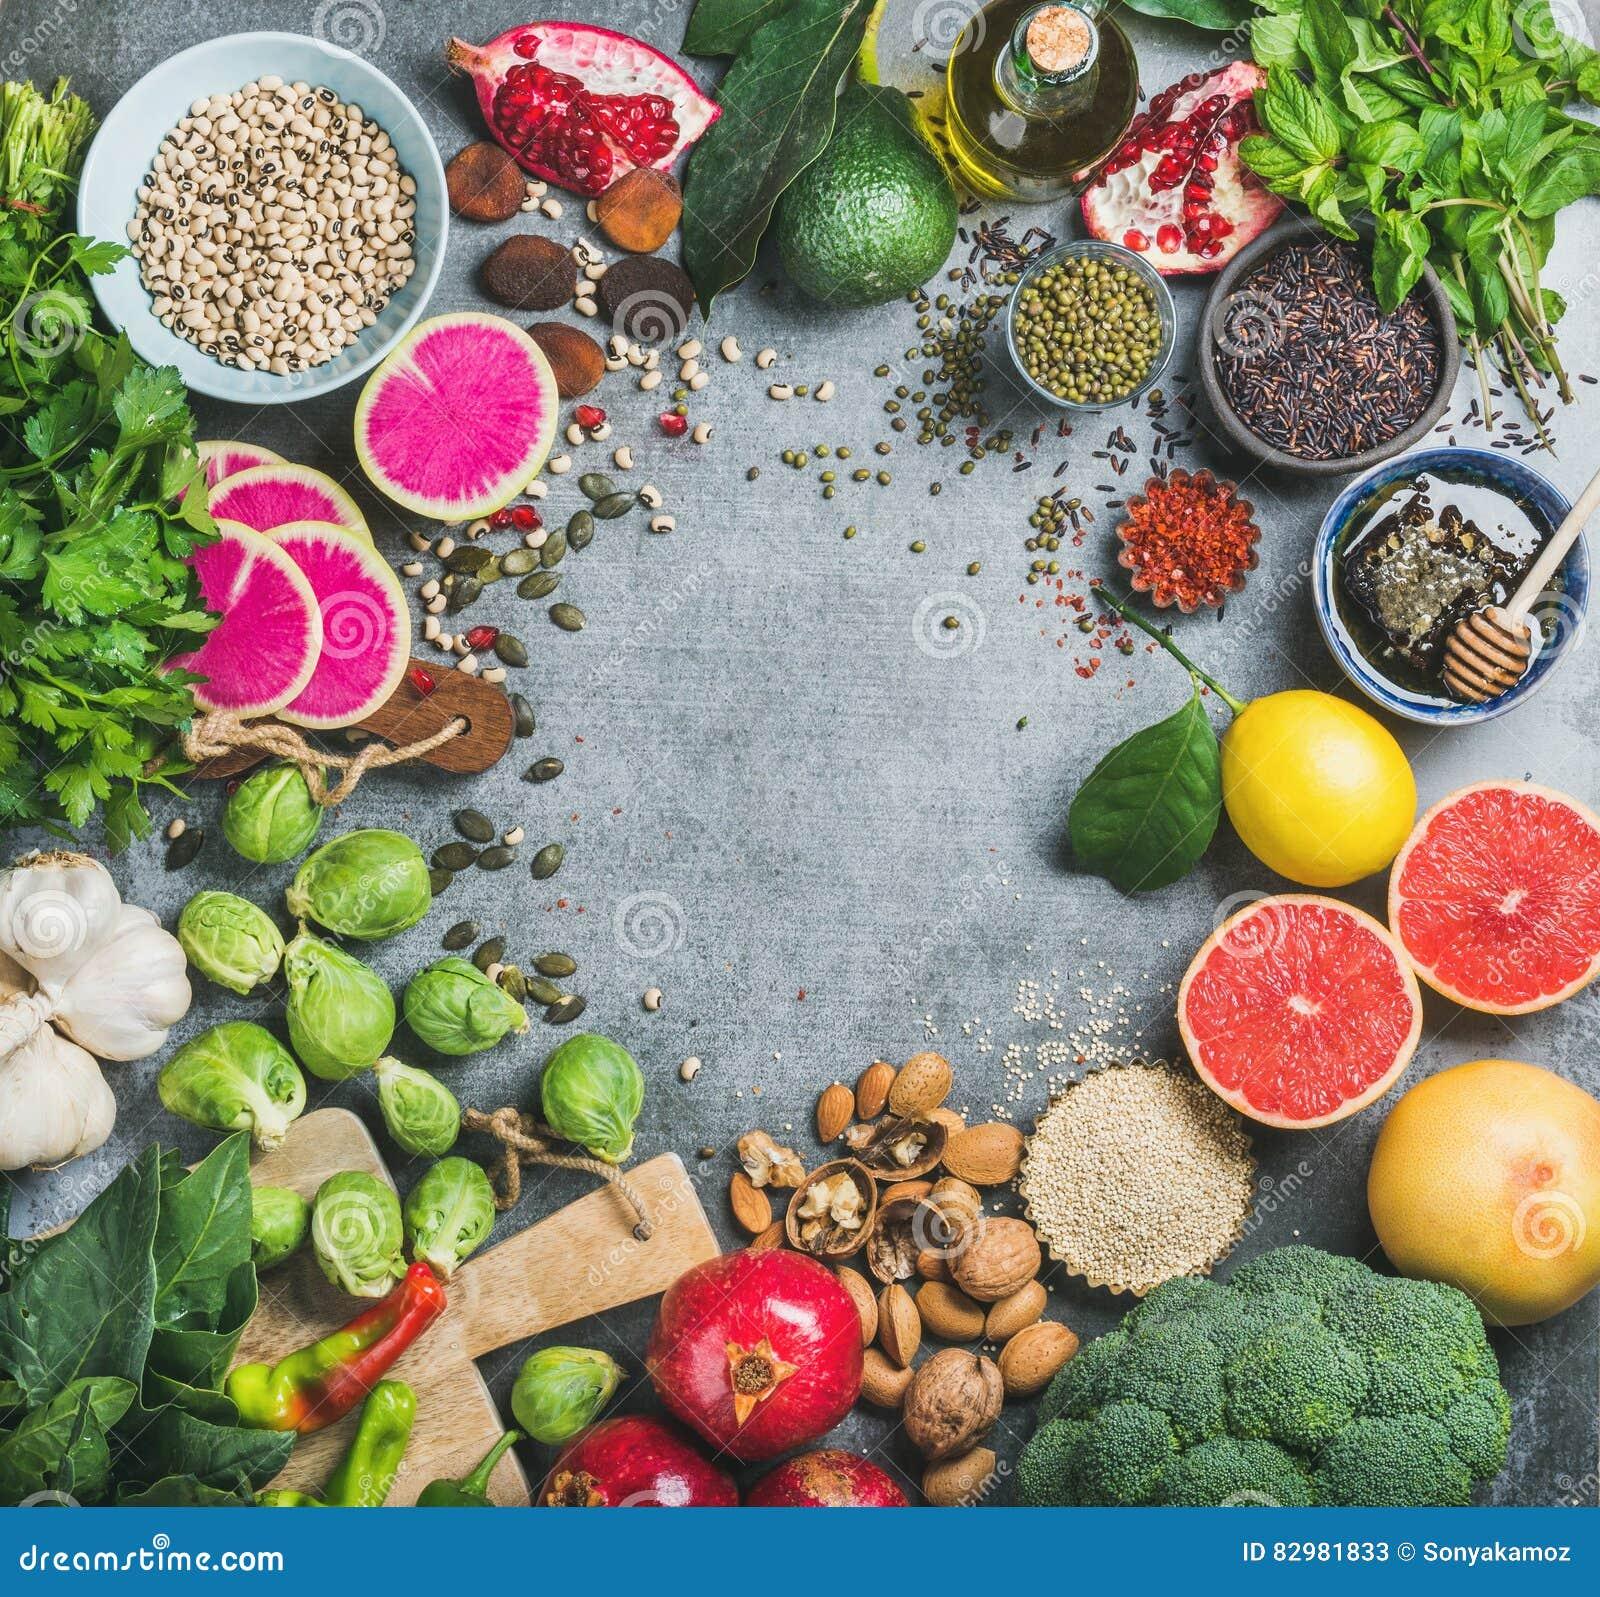 Semillas de frutas y verduras manzana de elefante - Semillas de frutas y verduras ...